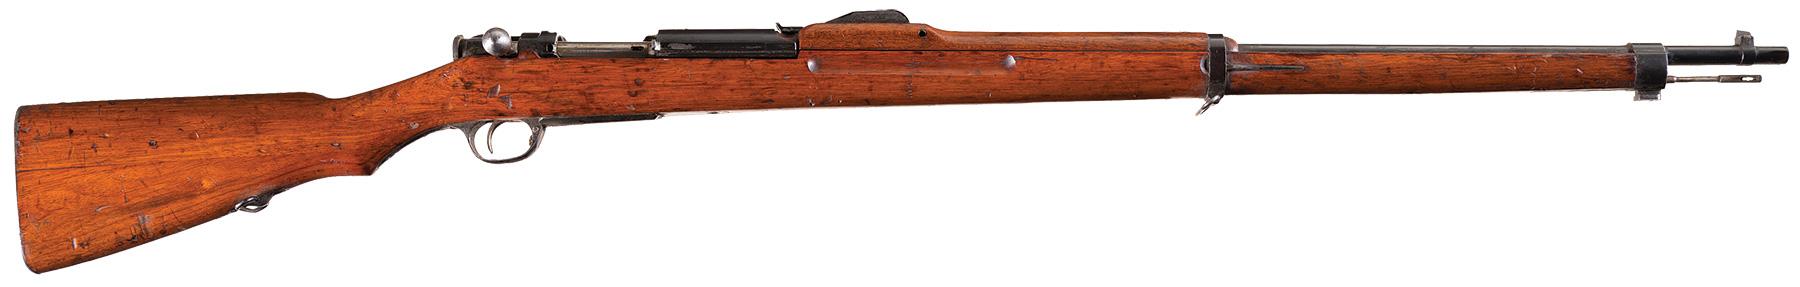 Type 35 Arisaka